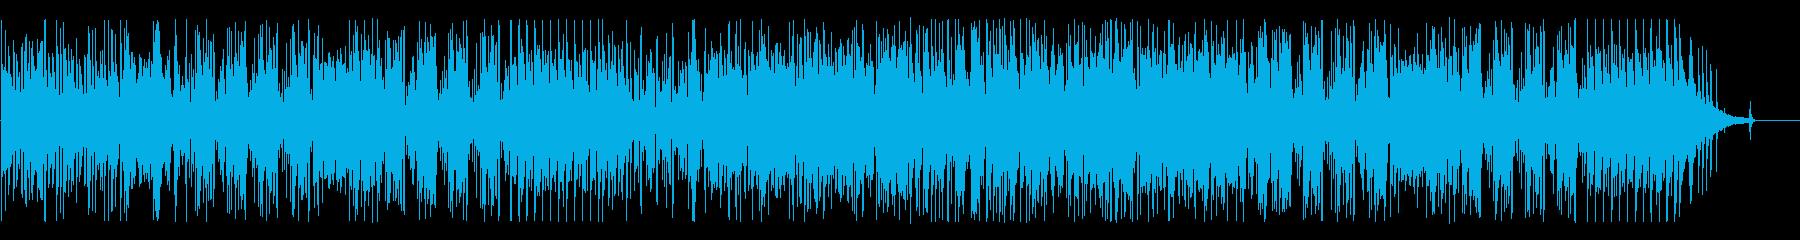 派手で疾走感のある先進的高速ジャズの再生済みの波形